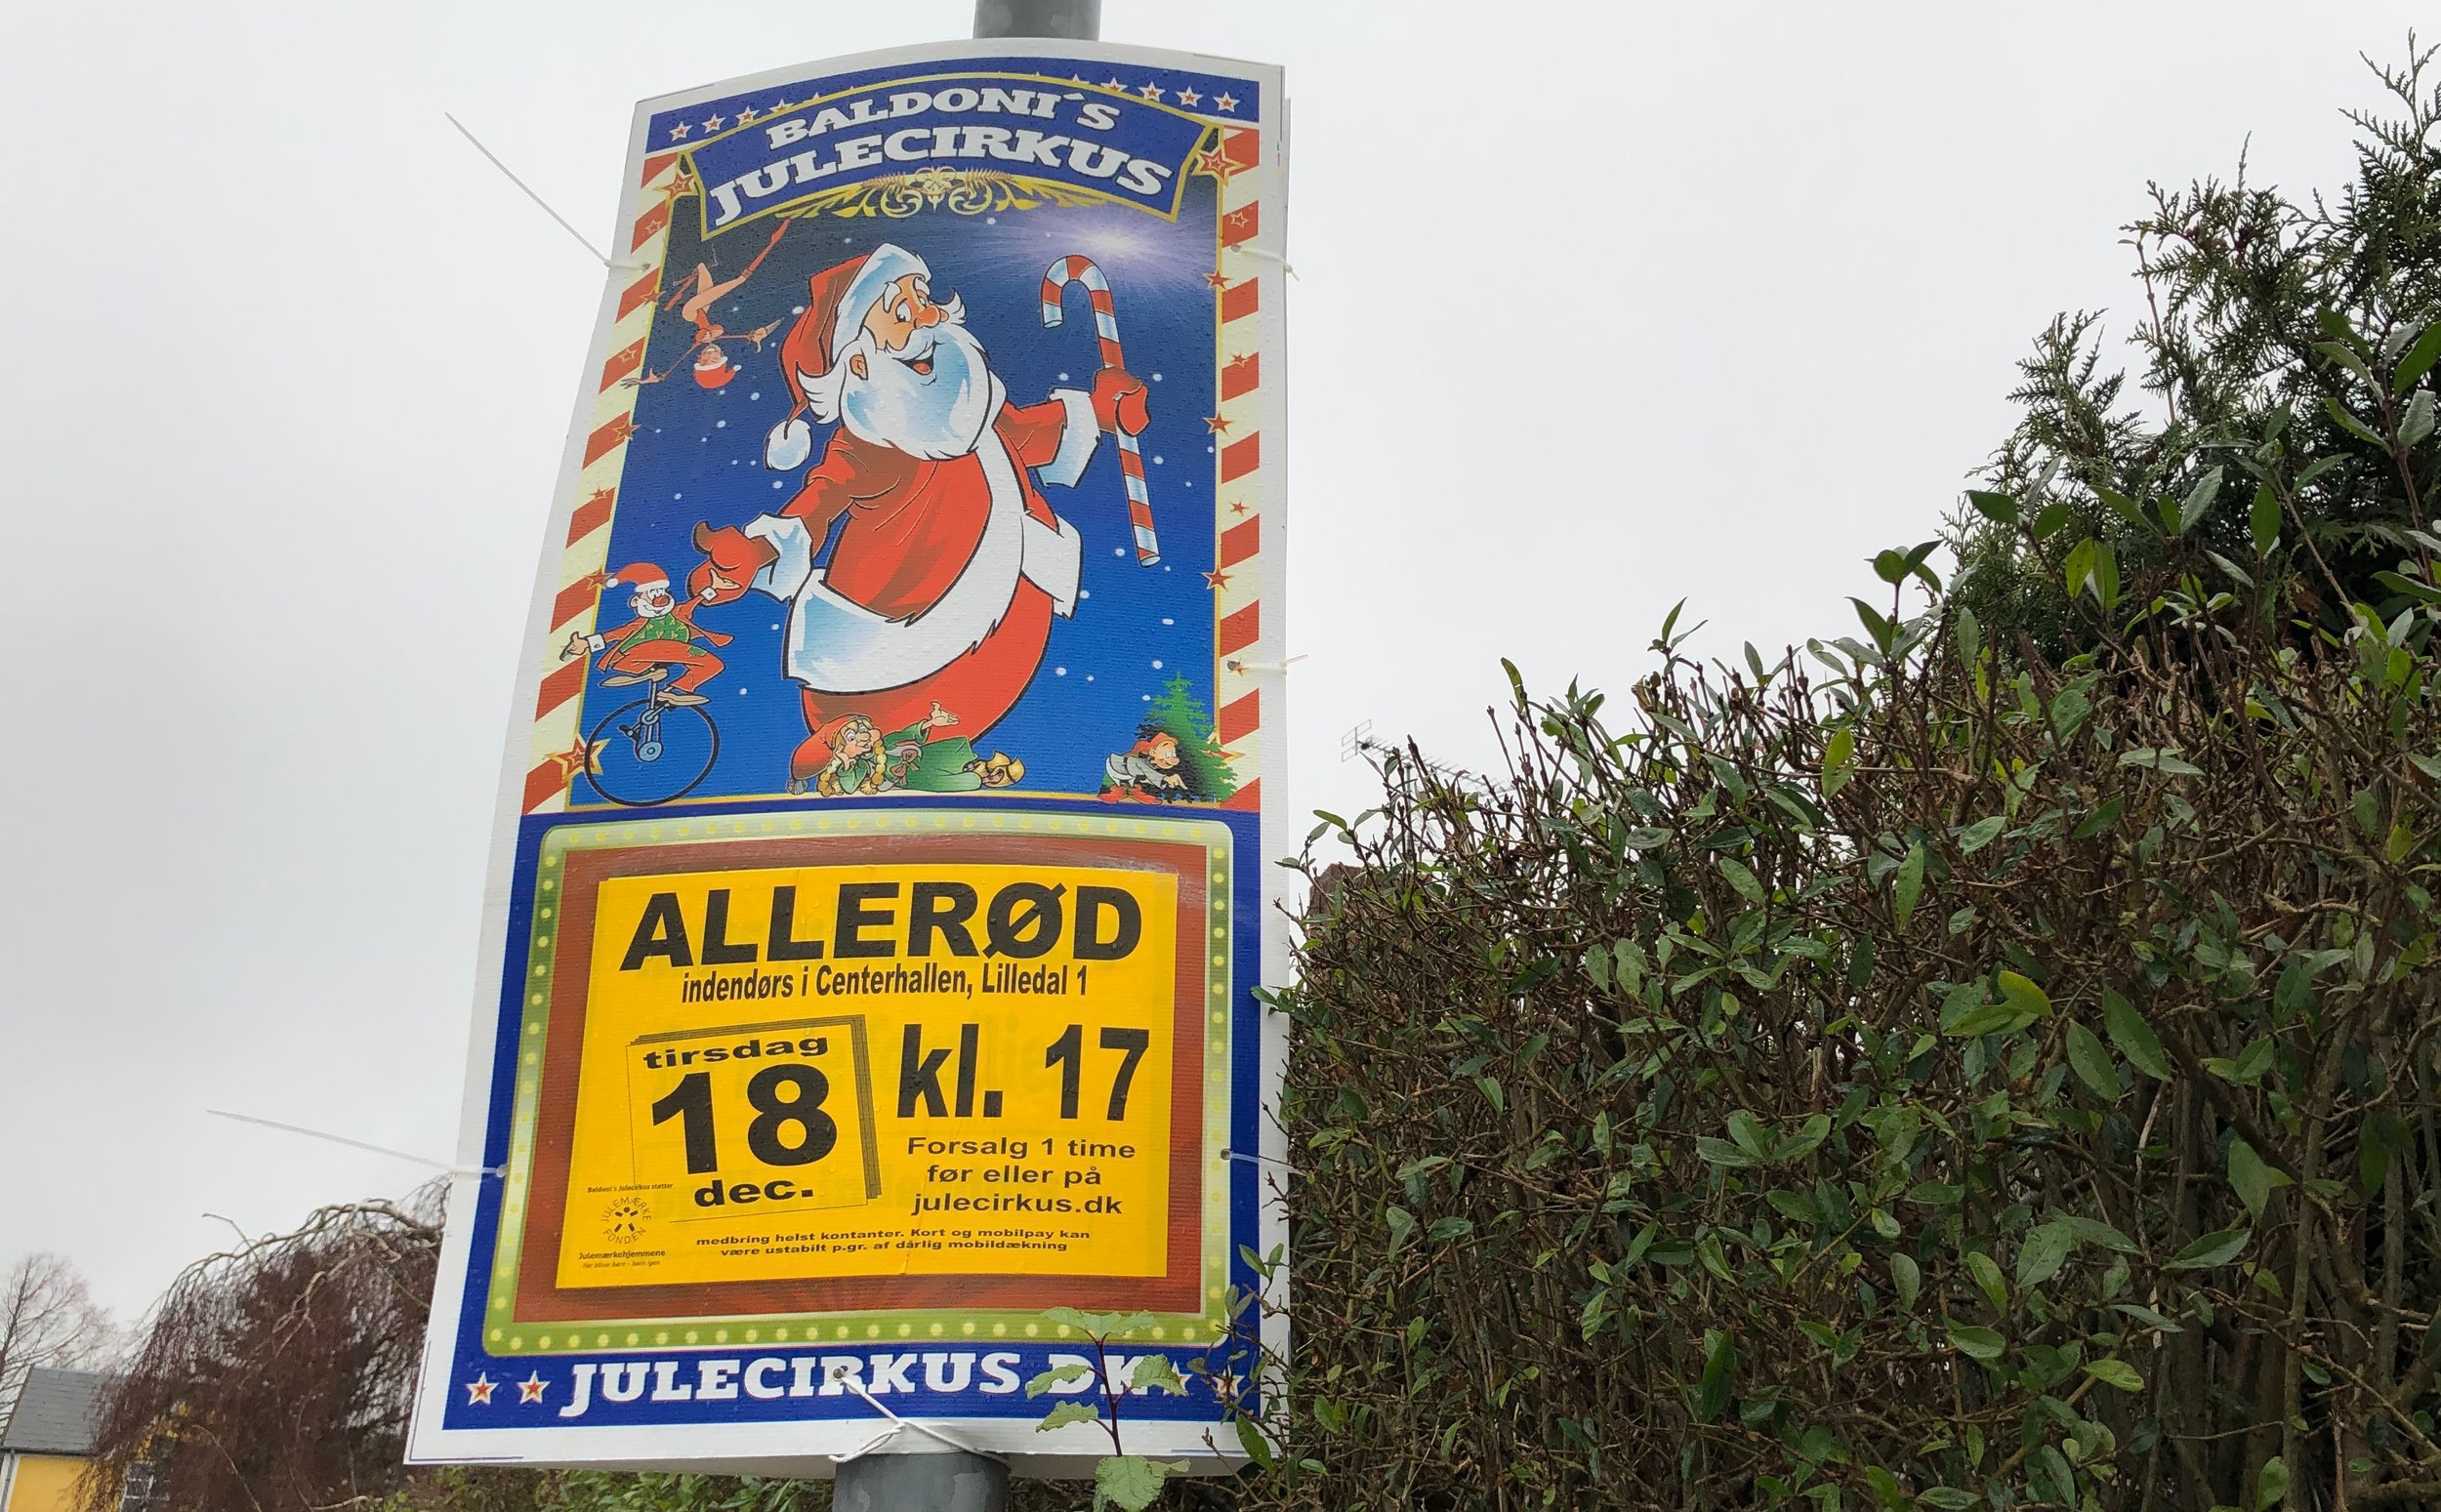 Det er den 18. december, at Baldoni's Julecirkus er i Lillerød. Foto: AOB